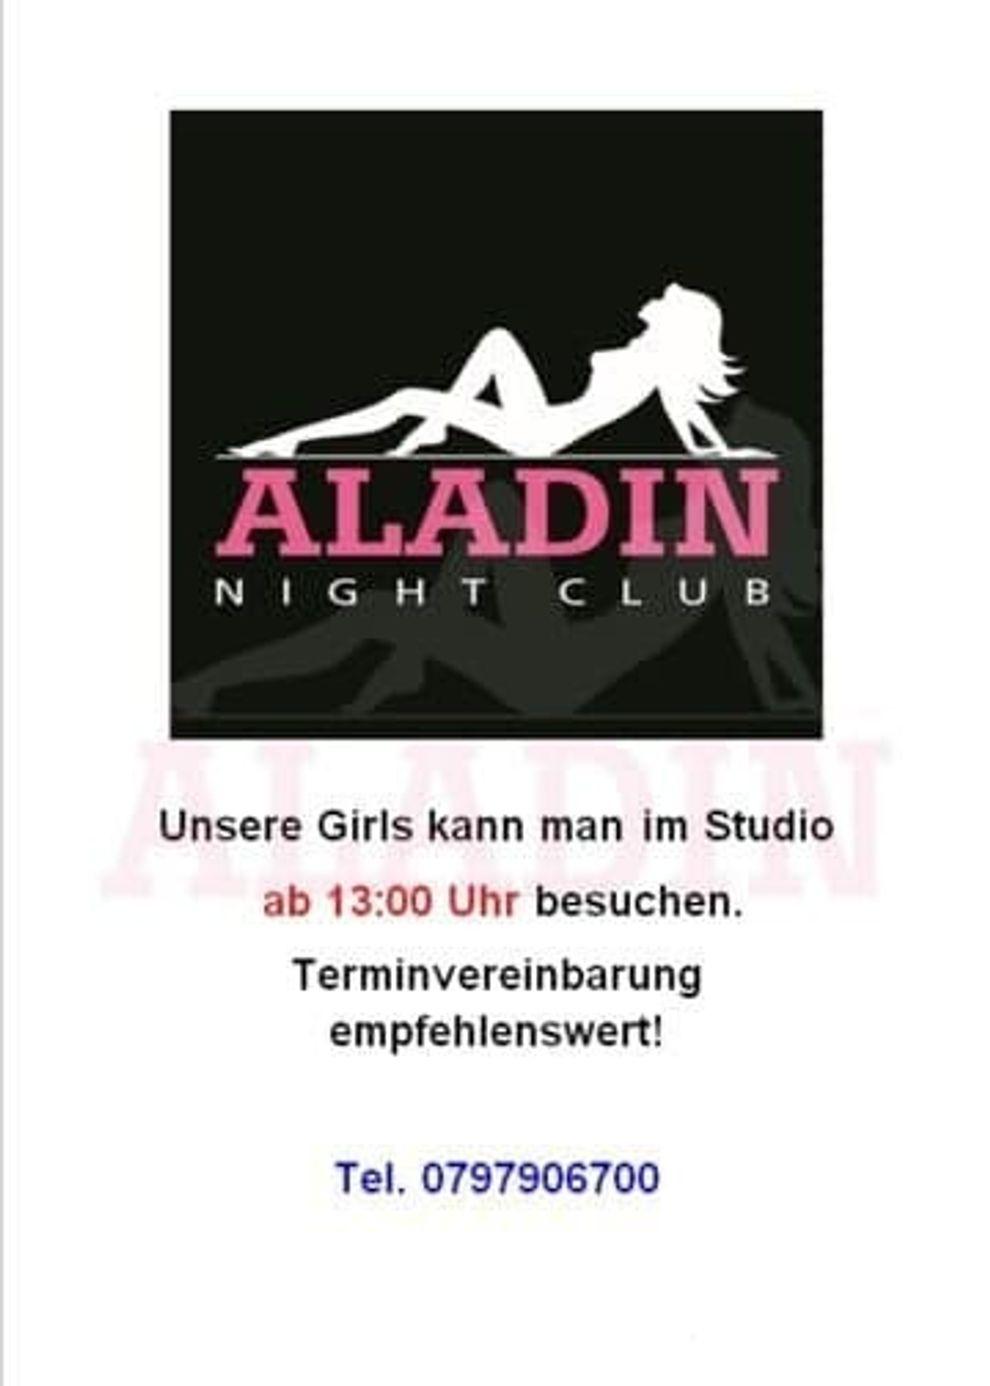 Aladin / Bild 1